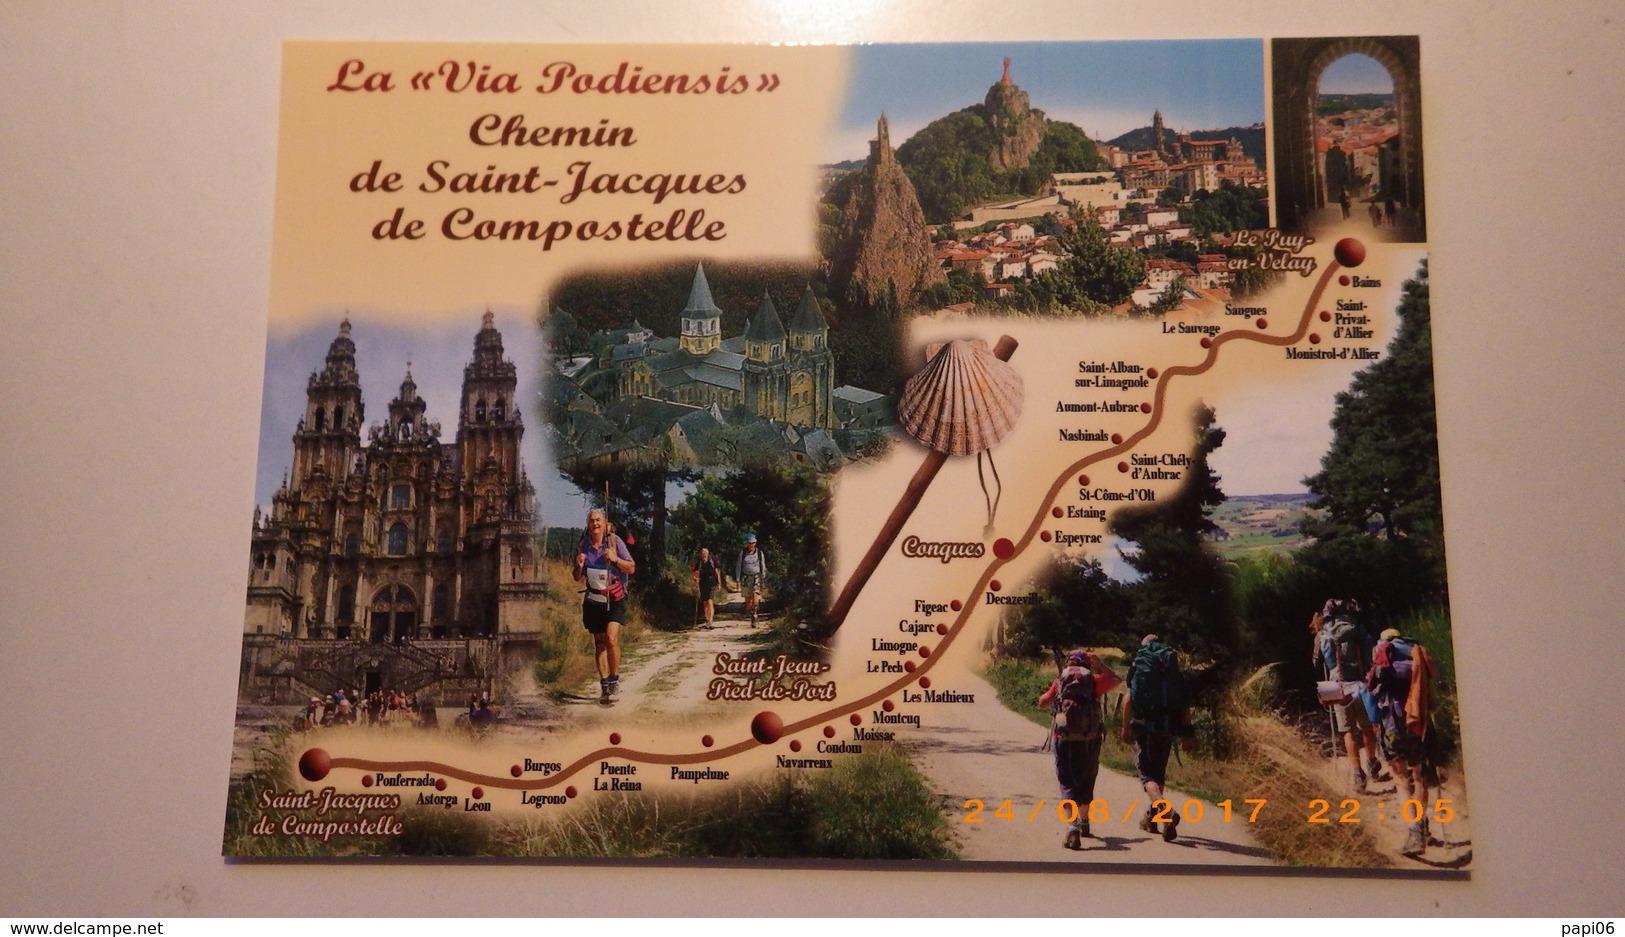 Sur Le Chemin De Saint Jacques De Compostelle.Via Podiensis.Le Puy ,Saugues,Estaing,Conques,St Jean Pied De Port, Burgos - Christianisme